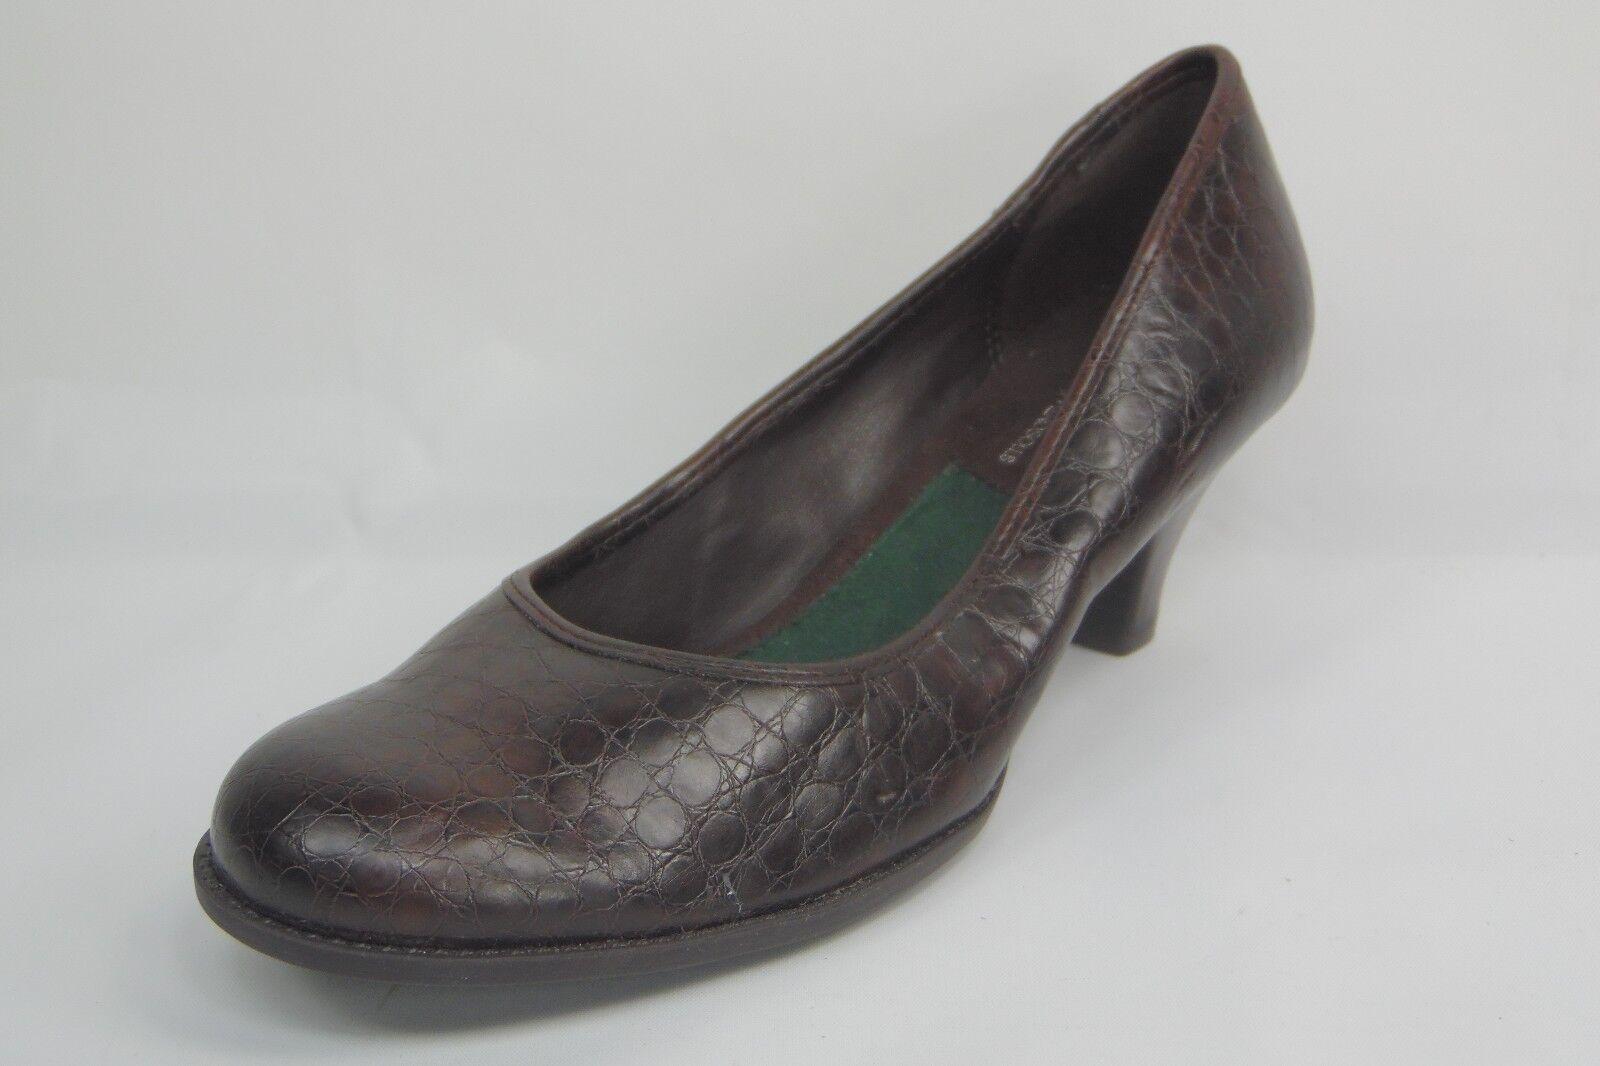 A2 AEROSOLES Tincel Brown Faux Croc Print Round Toe Pumps Heels shoes Size 6.5M